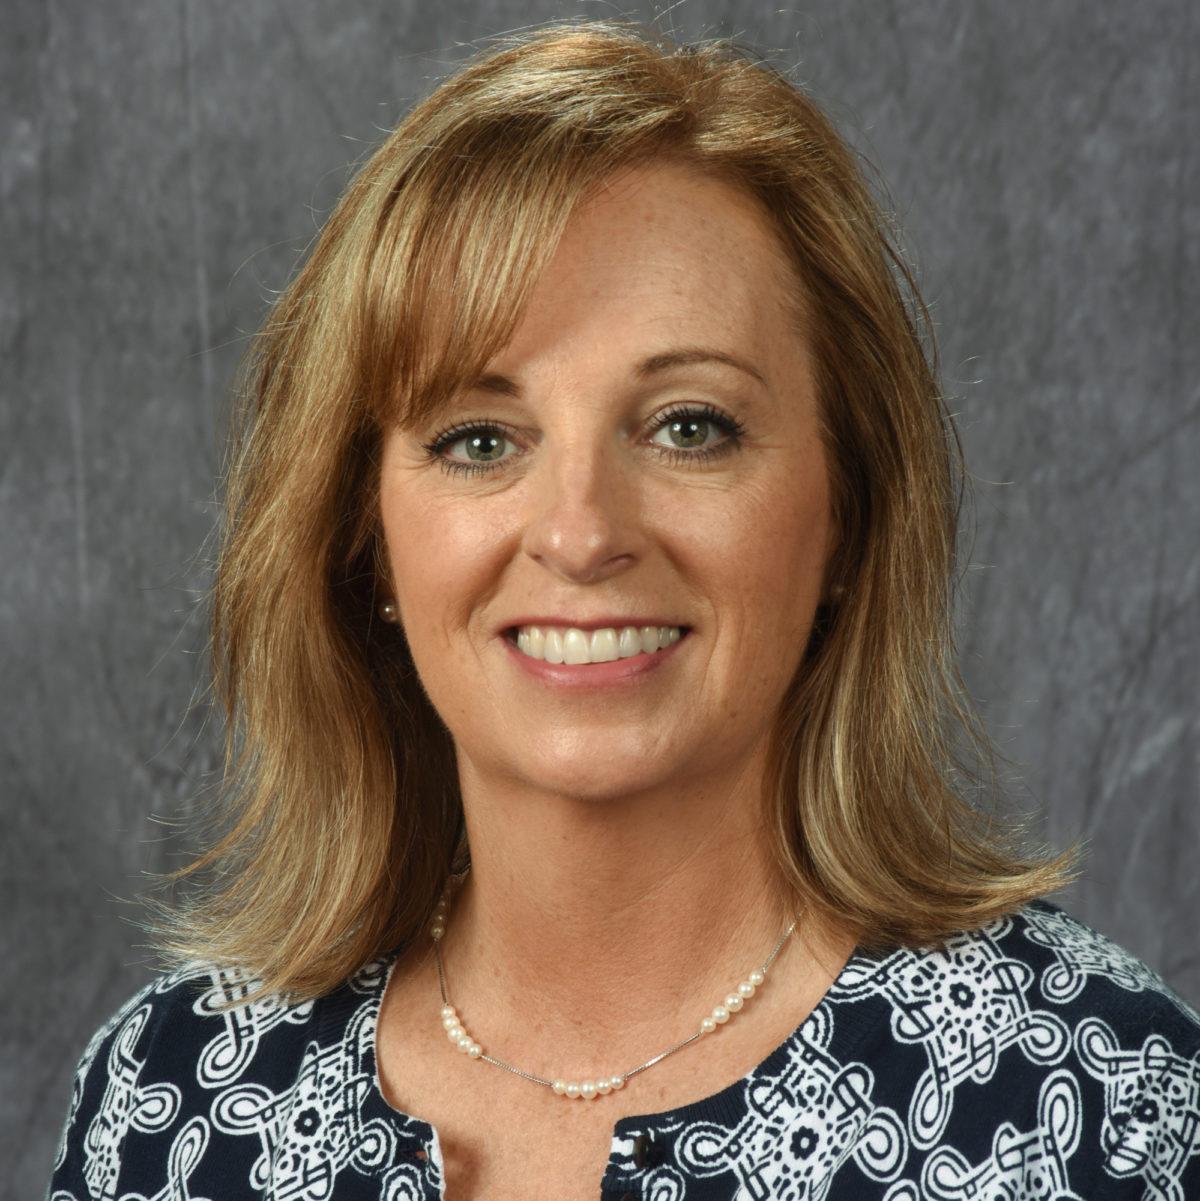 Brenda Dwyer